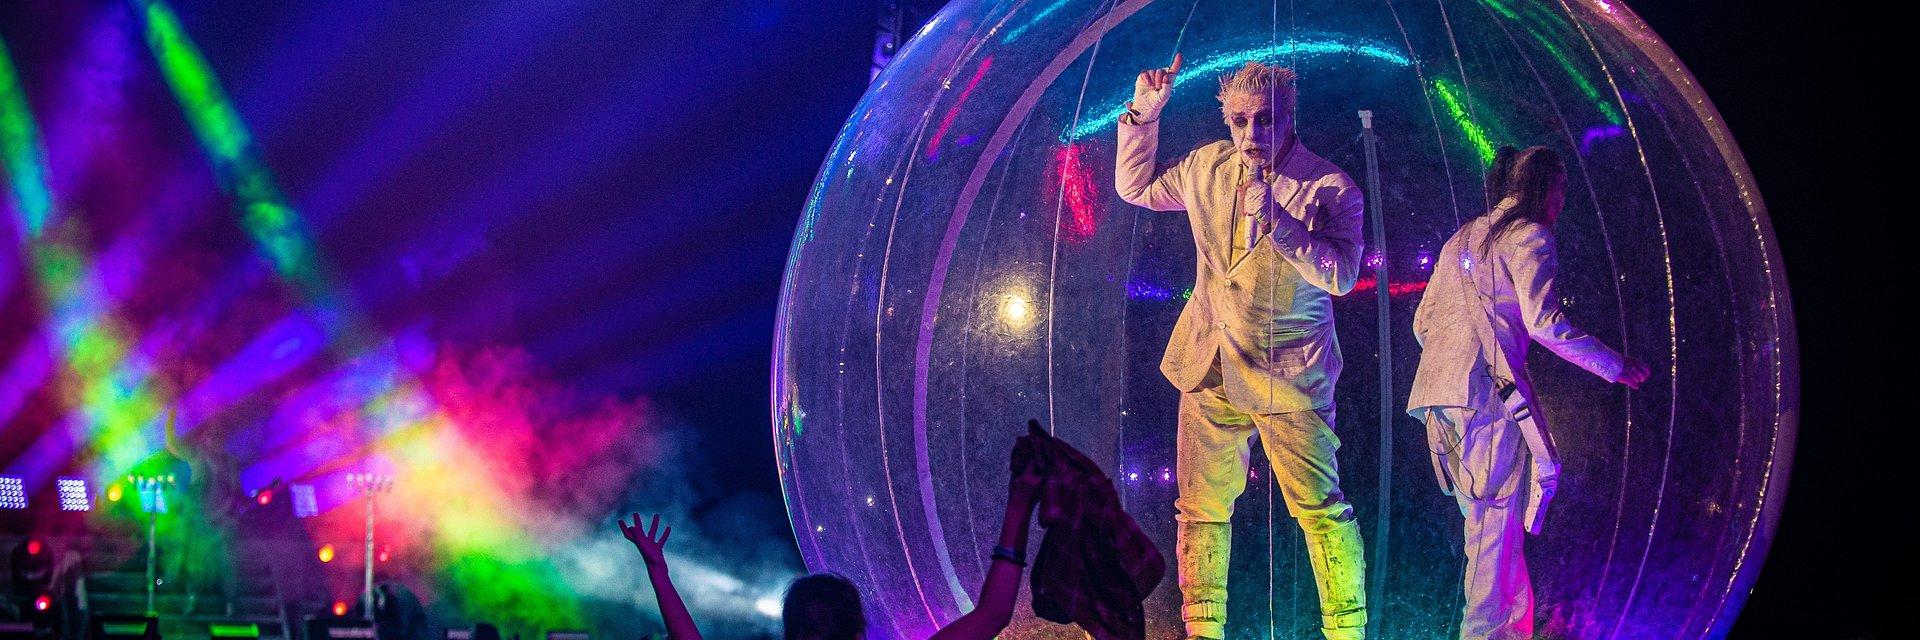 """Wokalista RAMMSTEIN wydaje """"Live in Moscow"""" – jeden z ostatnich wielkich koncertów przed COVID-19"""